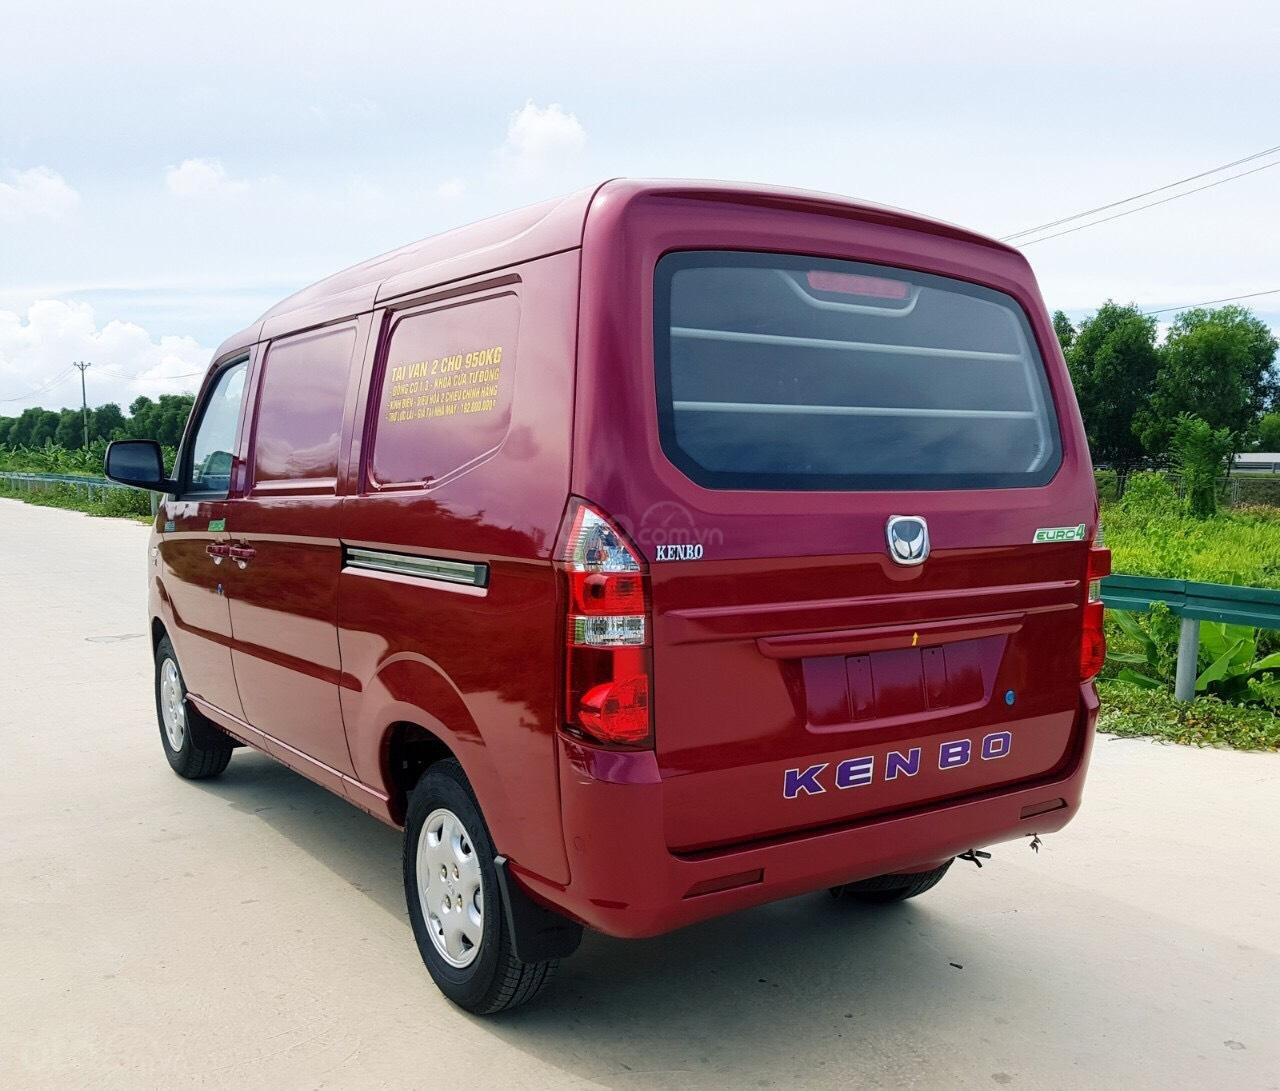 Bán van Kenbo 2 chỗ sản xuất năm 2020, giá rẻ nhất thị trường (2)